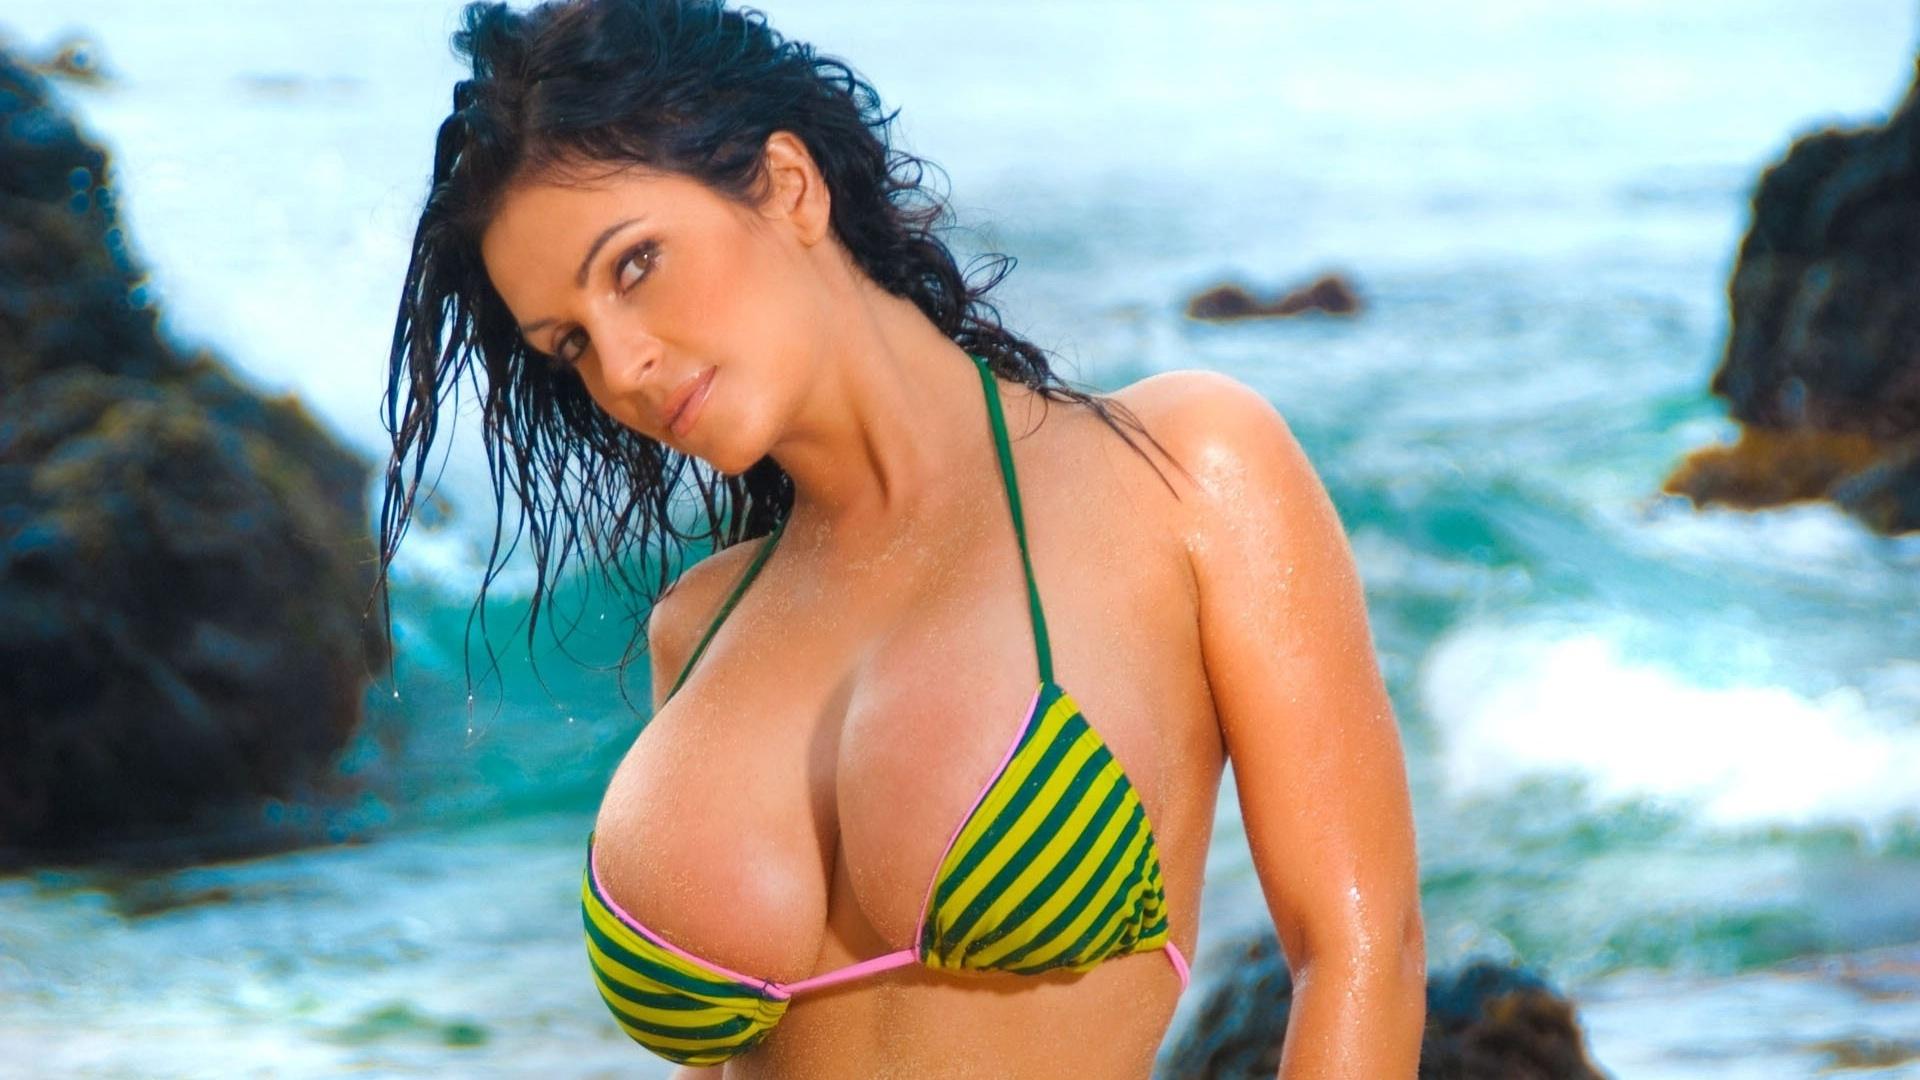 Sexy girl in a beautiful bikini with cool boobs